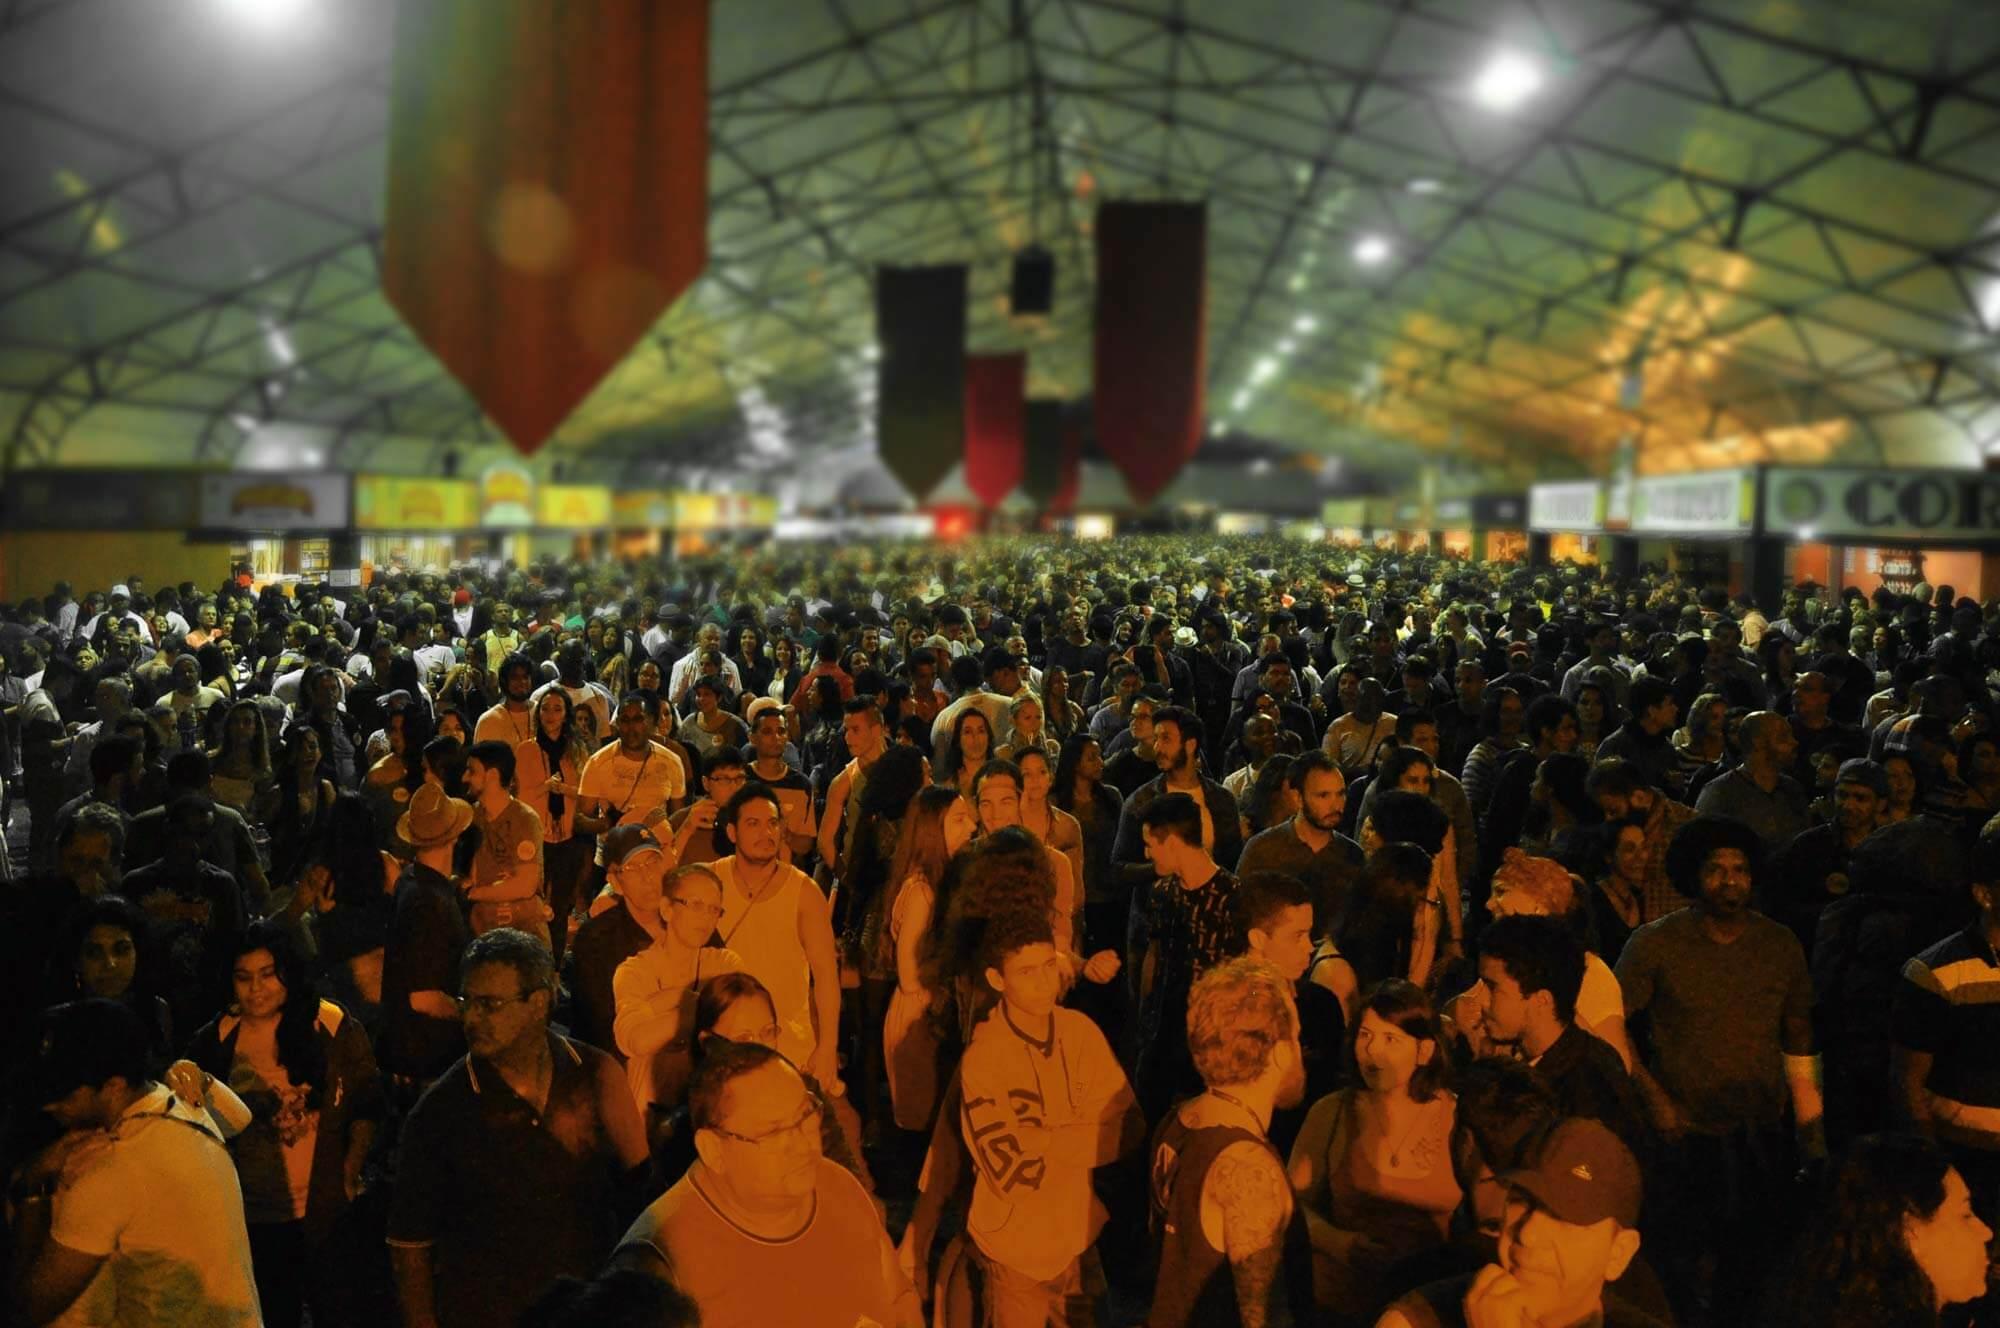 Os galpões lotados durante o Festival da Cachaça, Cultura e Sabores de Paraty